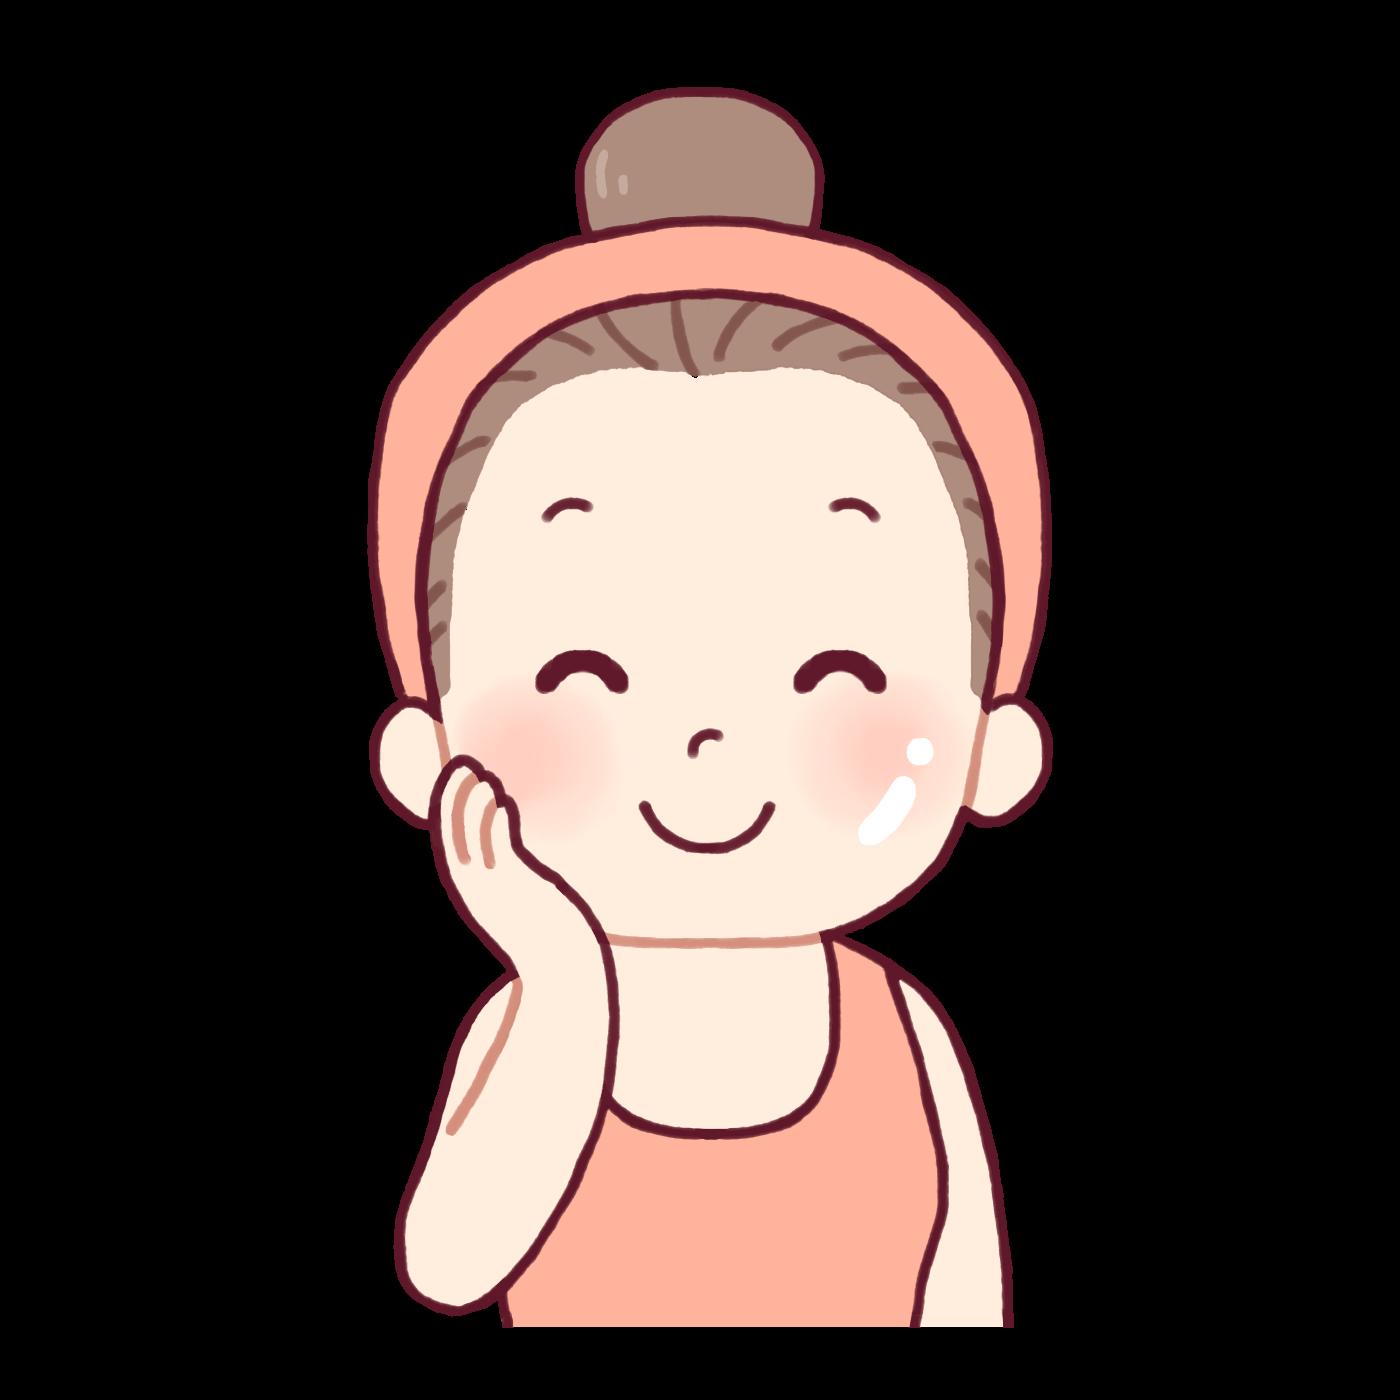 【オノマトペ】つるつるの意味と例文